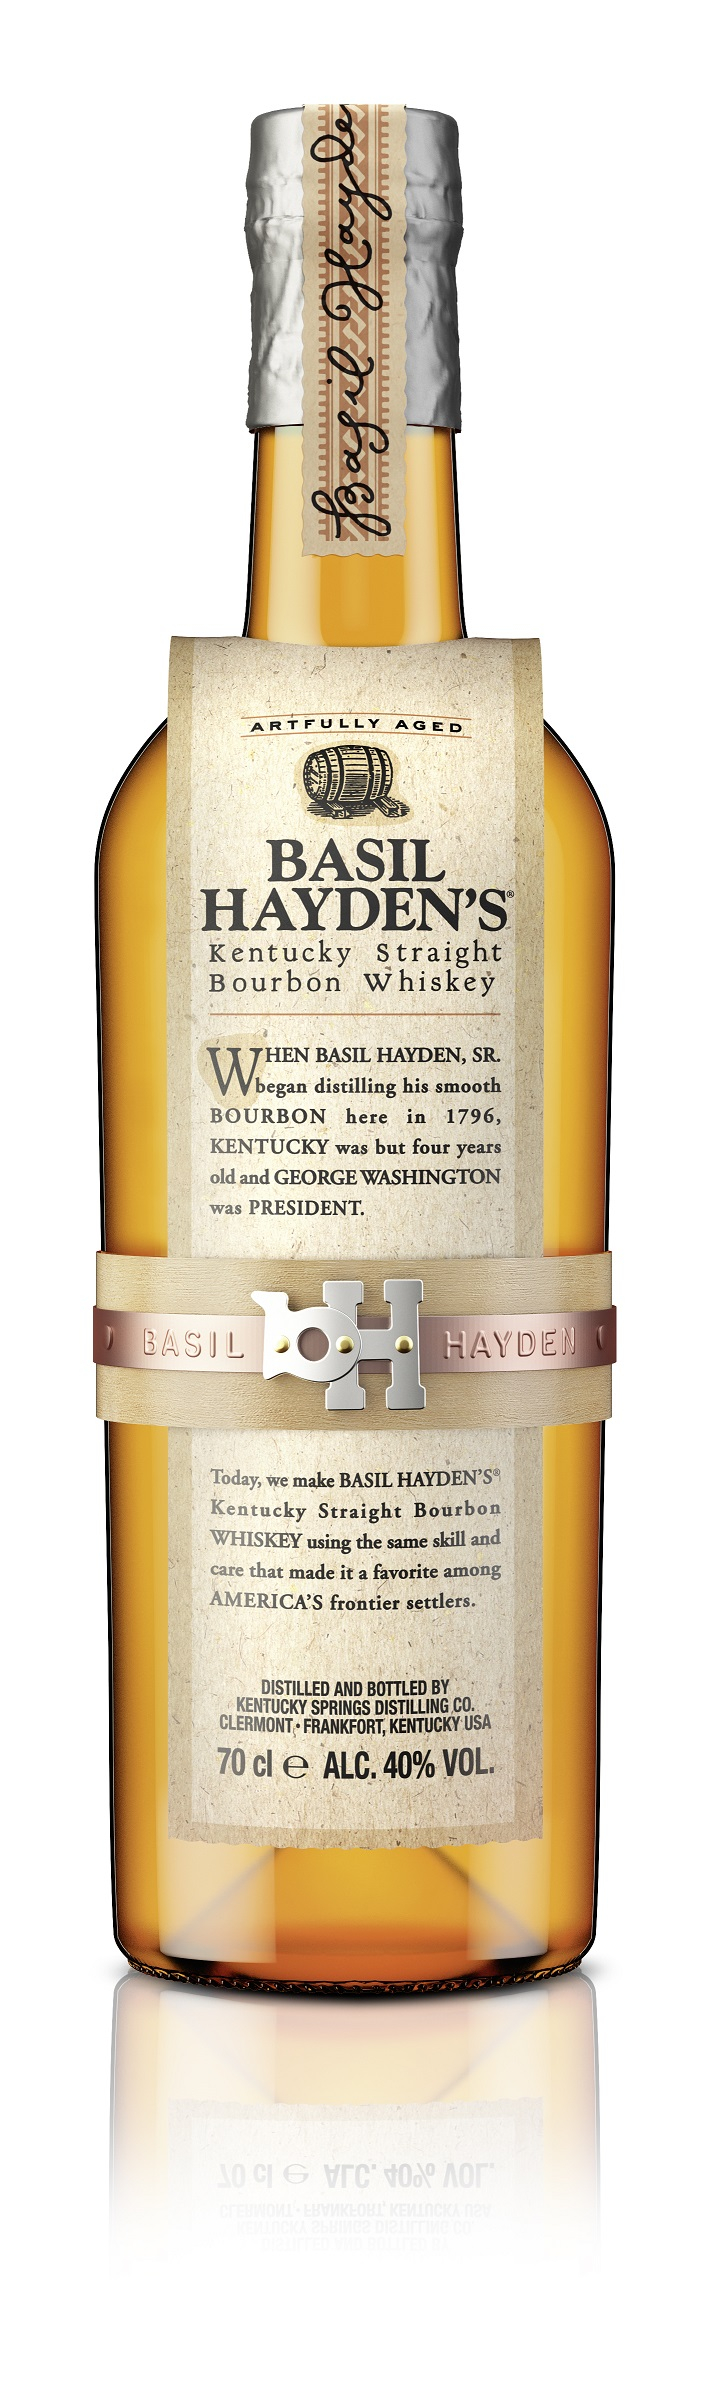 Basil Hayden Kentucky Straight Bourbon Whiskey